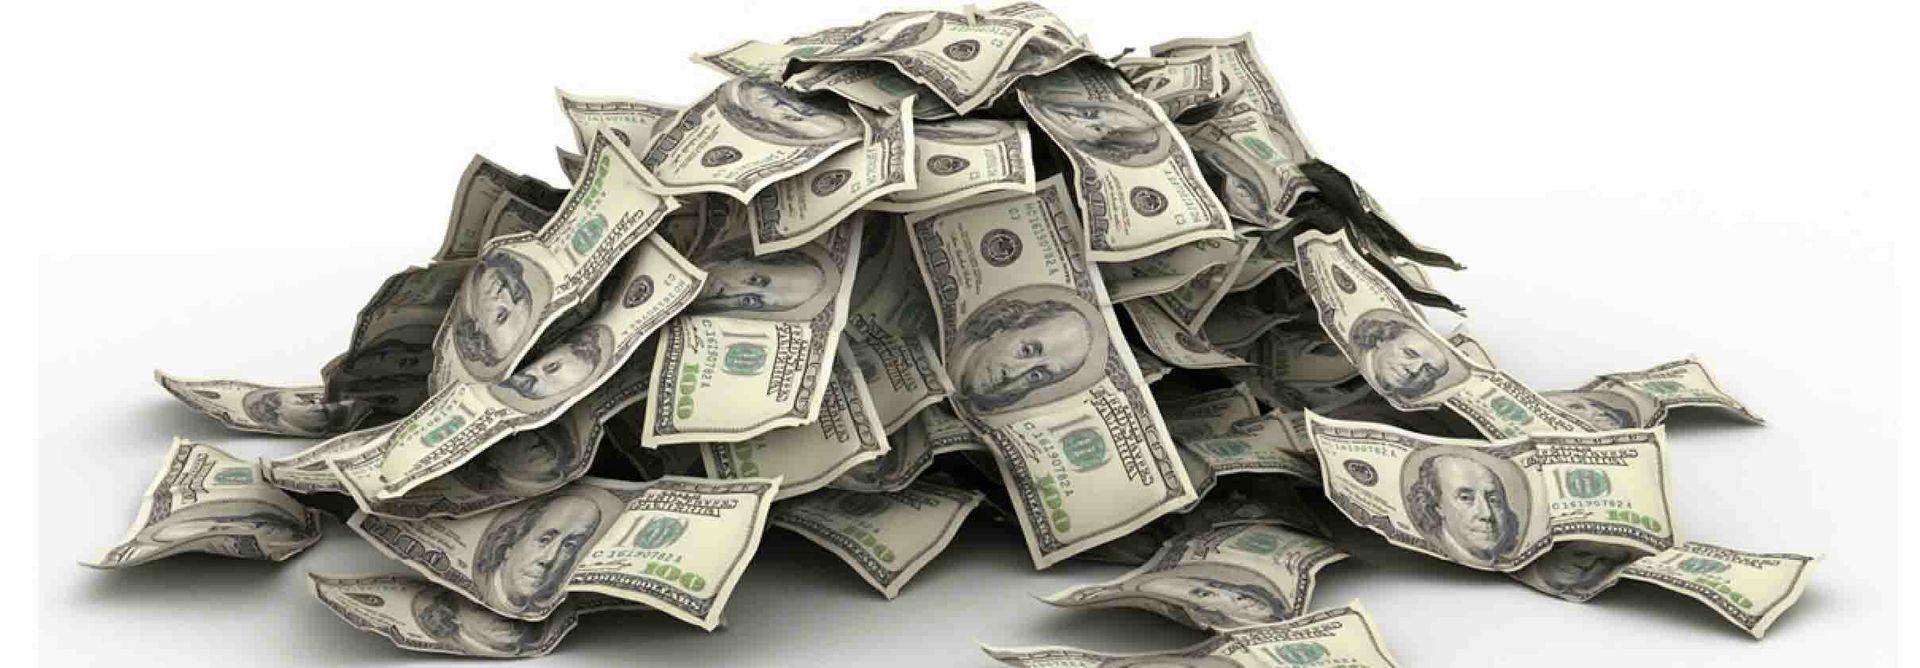 money-pile-money (2)